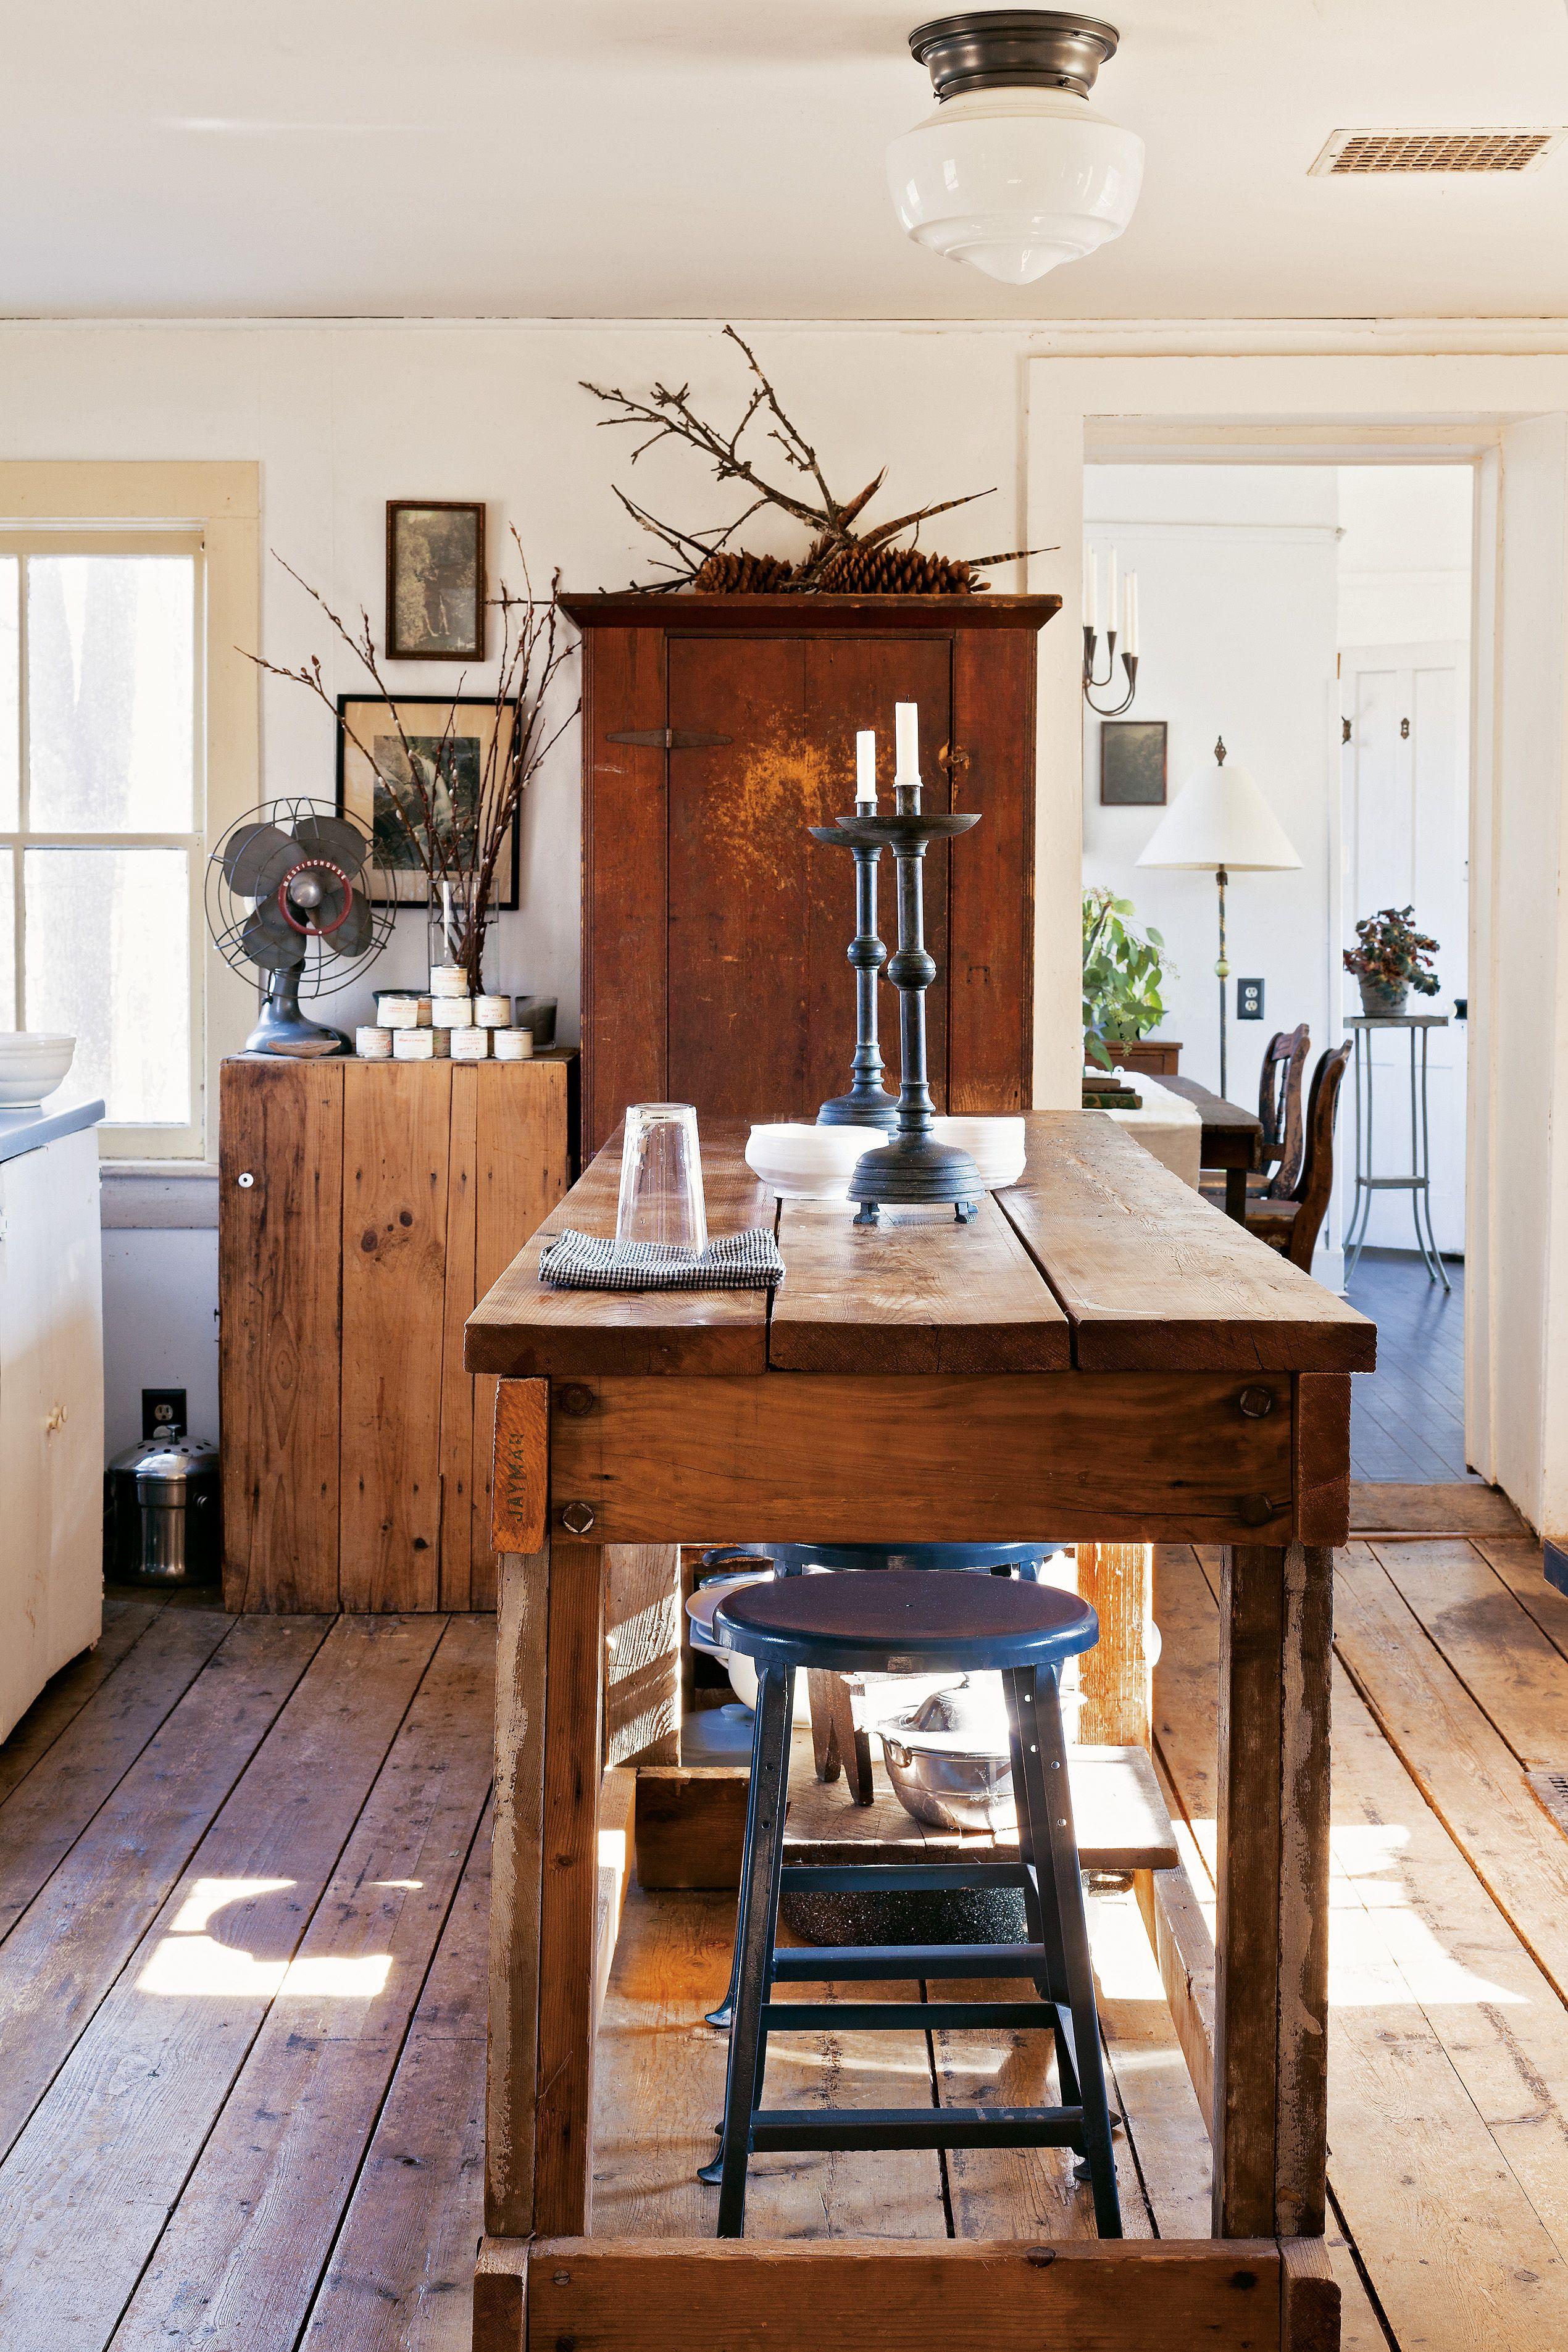 Pin di Eliza Coupe su Kitchens | Pinterest | Cucina, Copertina e Mobili